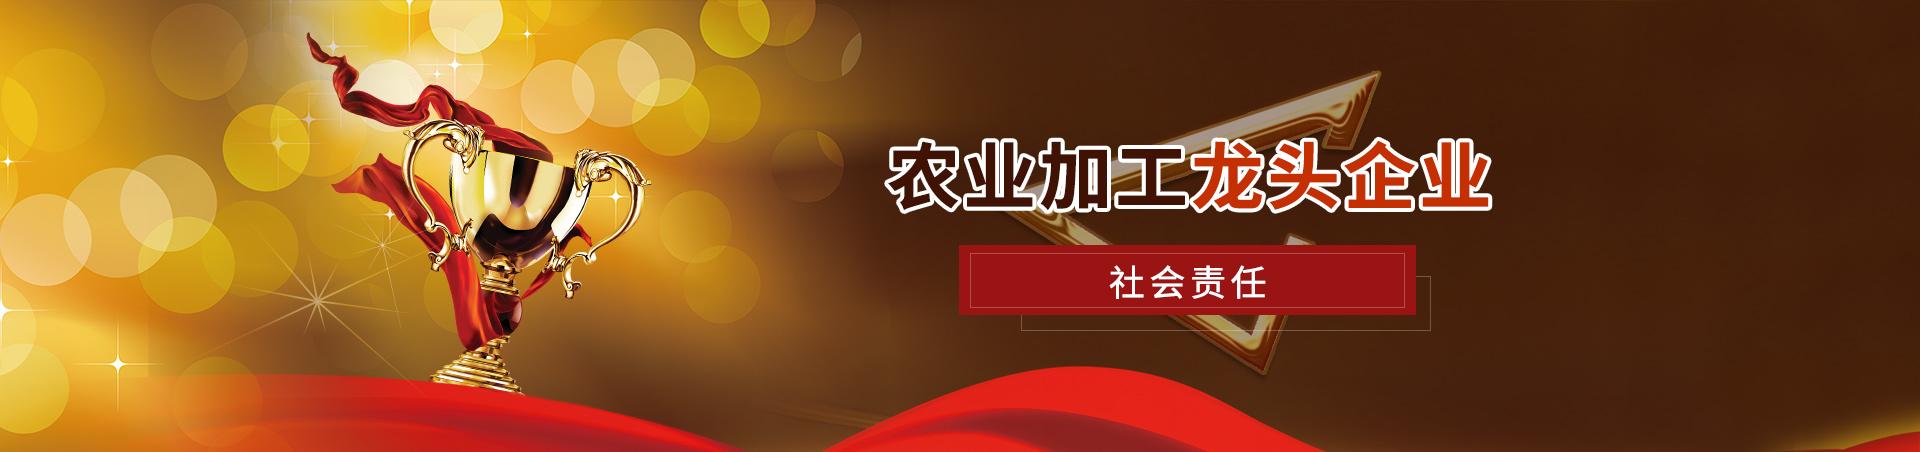 万博maxbet官网是多少_万博官方网站manbetx_意甲万博manbetx